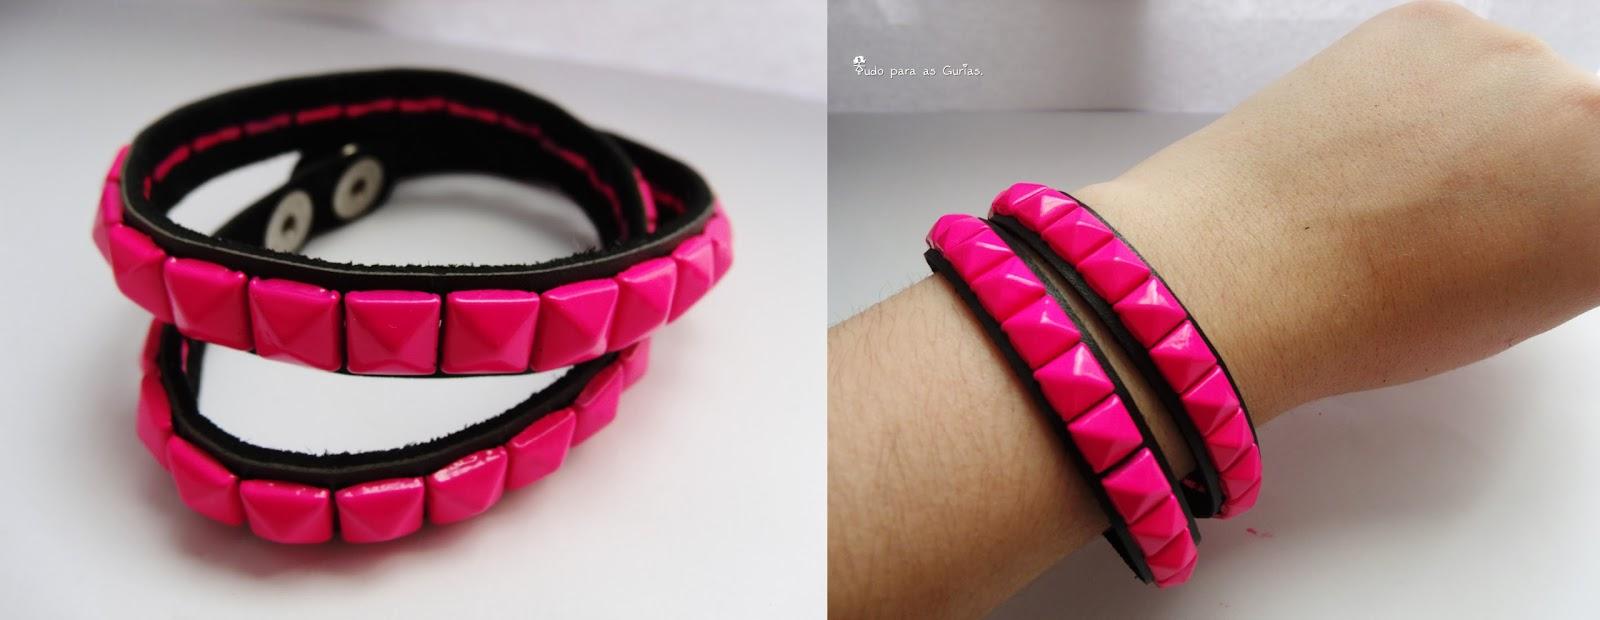 Comprinhas de Outubro de 2013; pulseira rosa